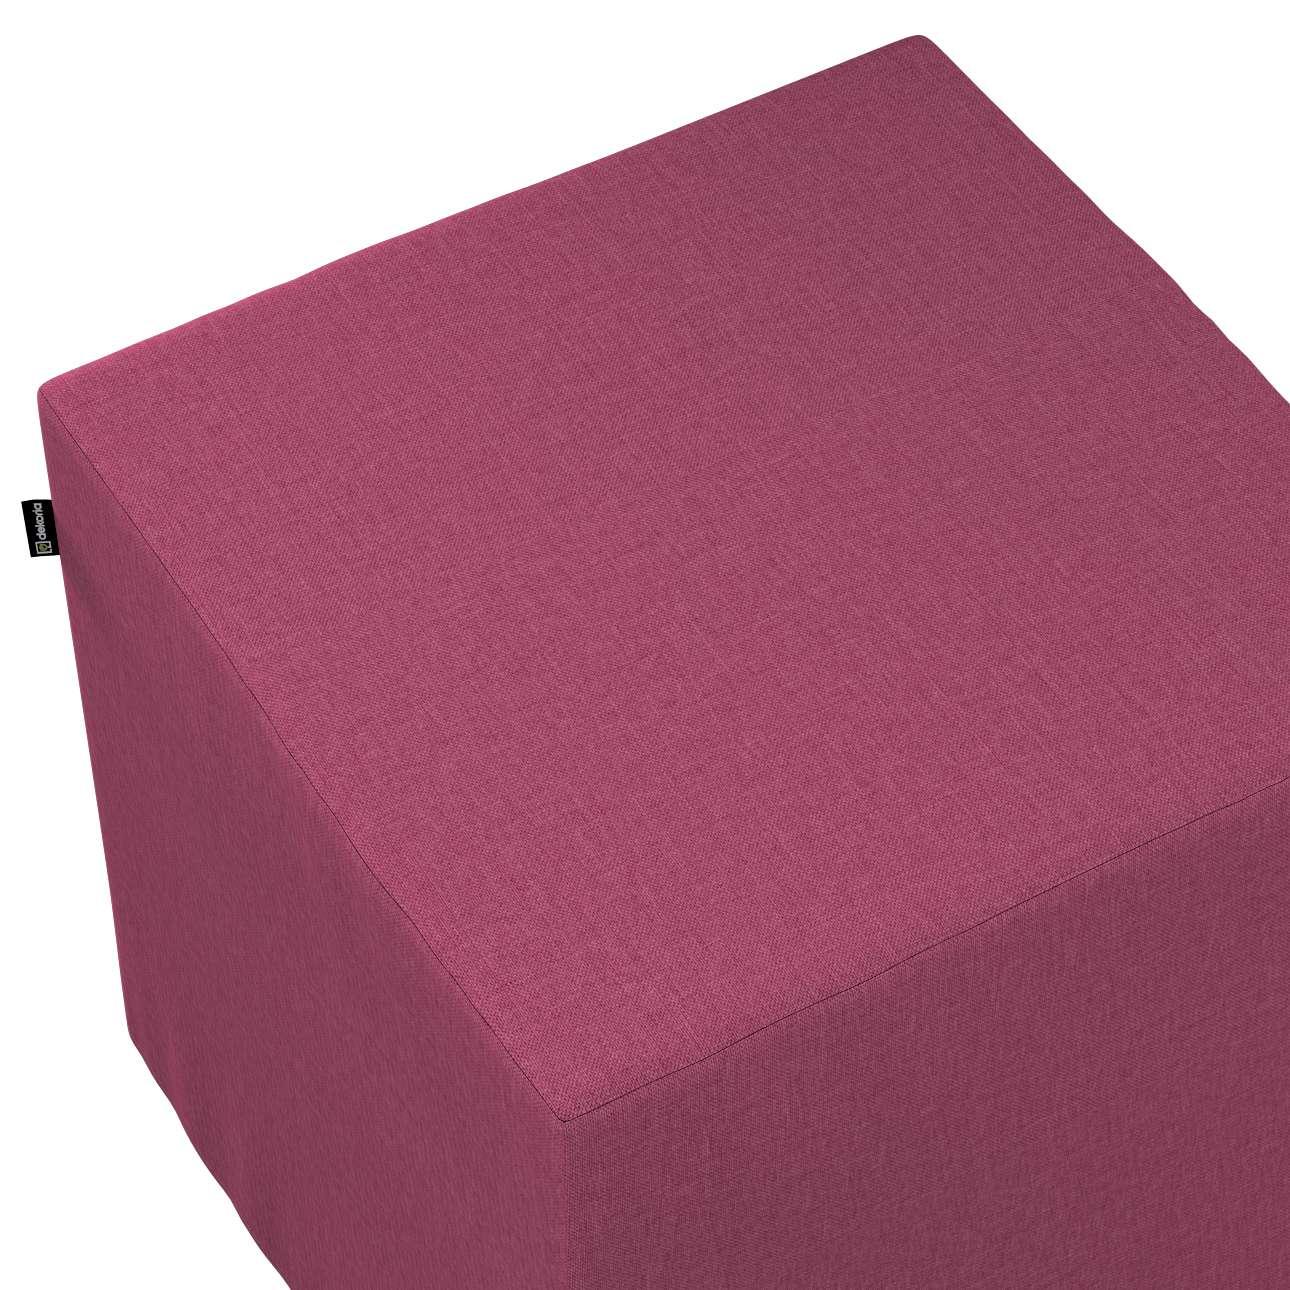 Bezug für Sitzwürfel von der Kollektion Living, Stoff: 160-44